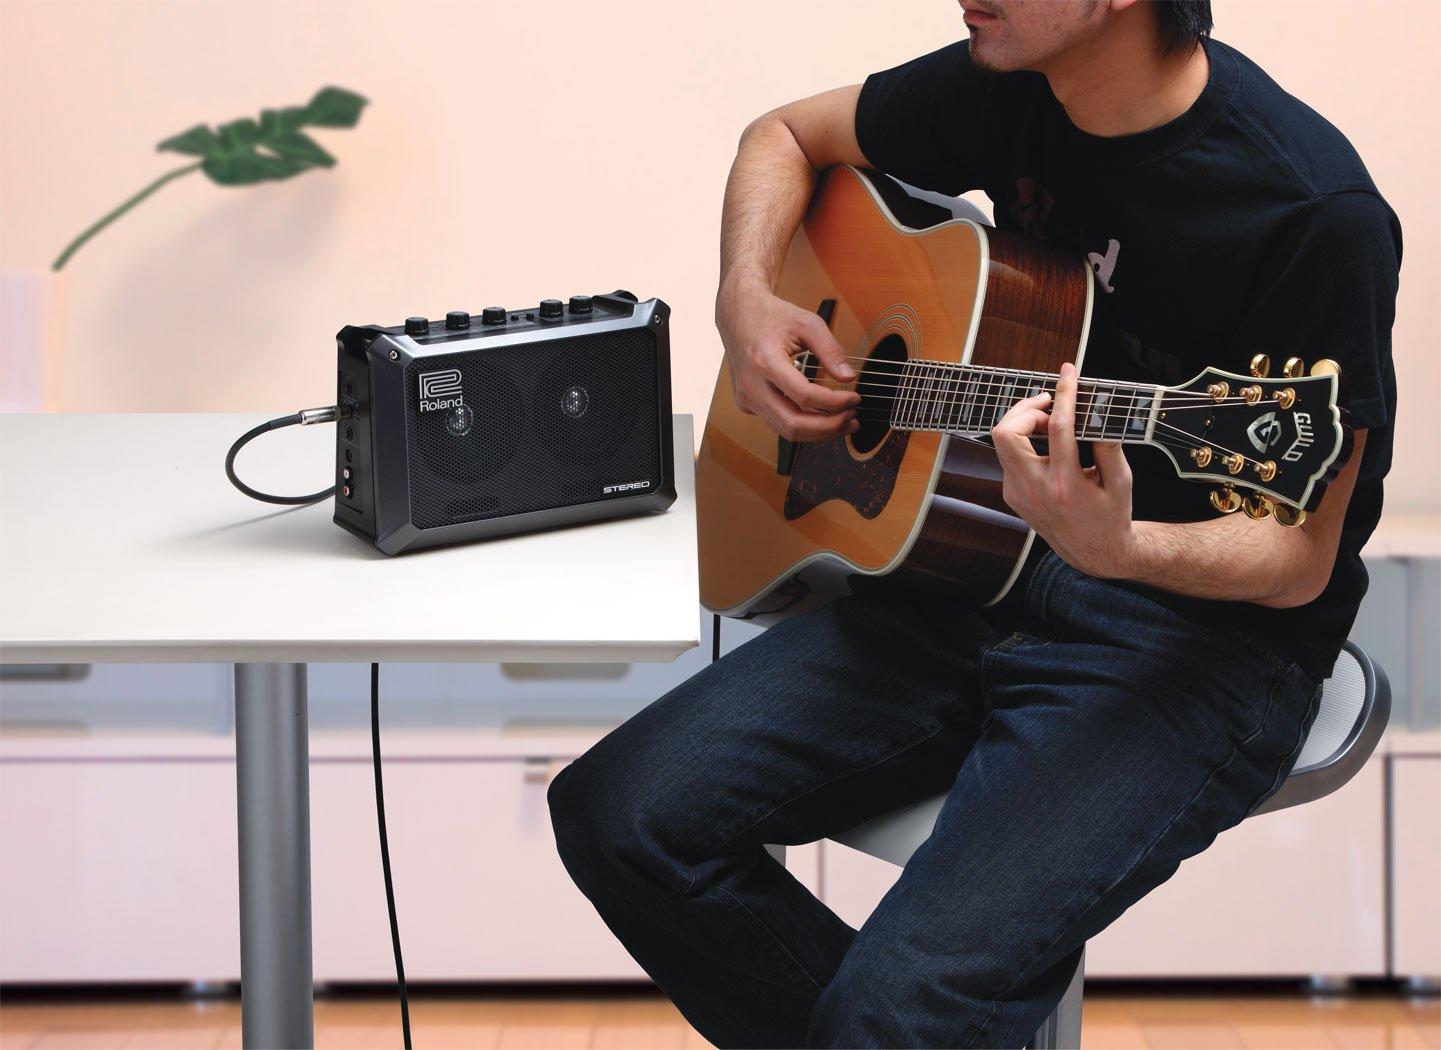 Roland Estéreo con alimentación por batería móvil Cubo Amplificador combinado de guitarra: Amazon.es: Instrumentos musicales